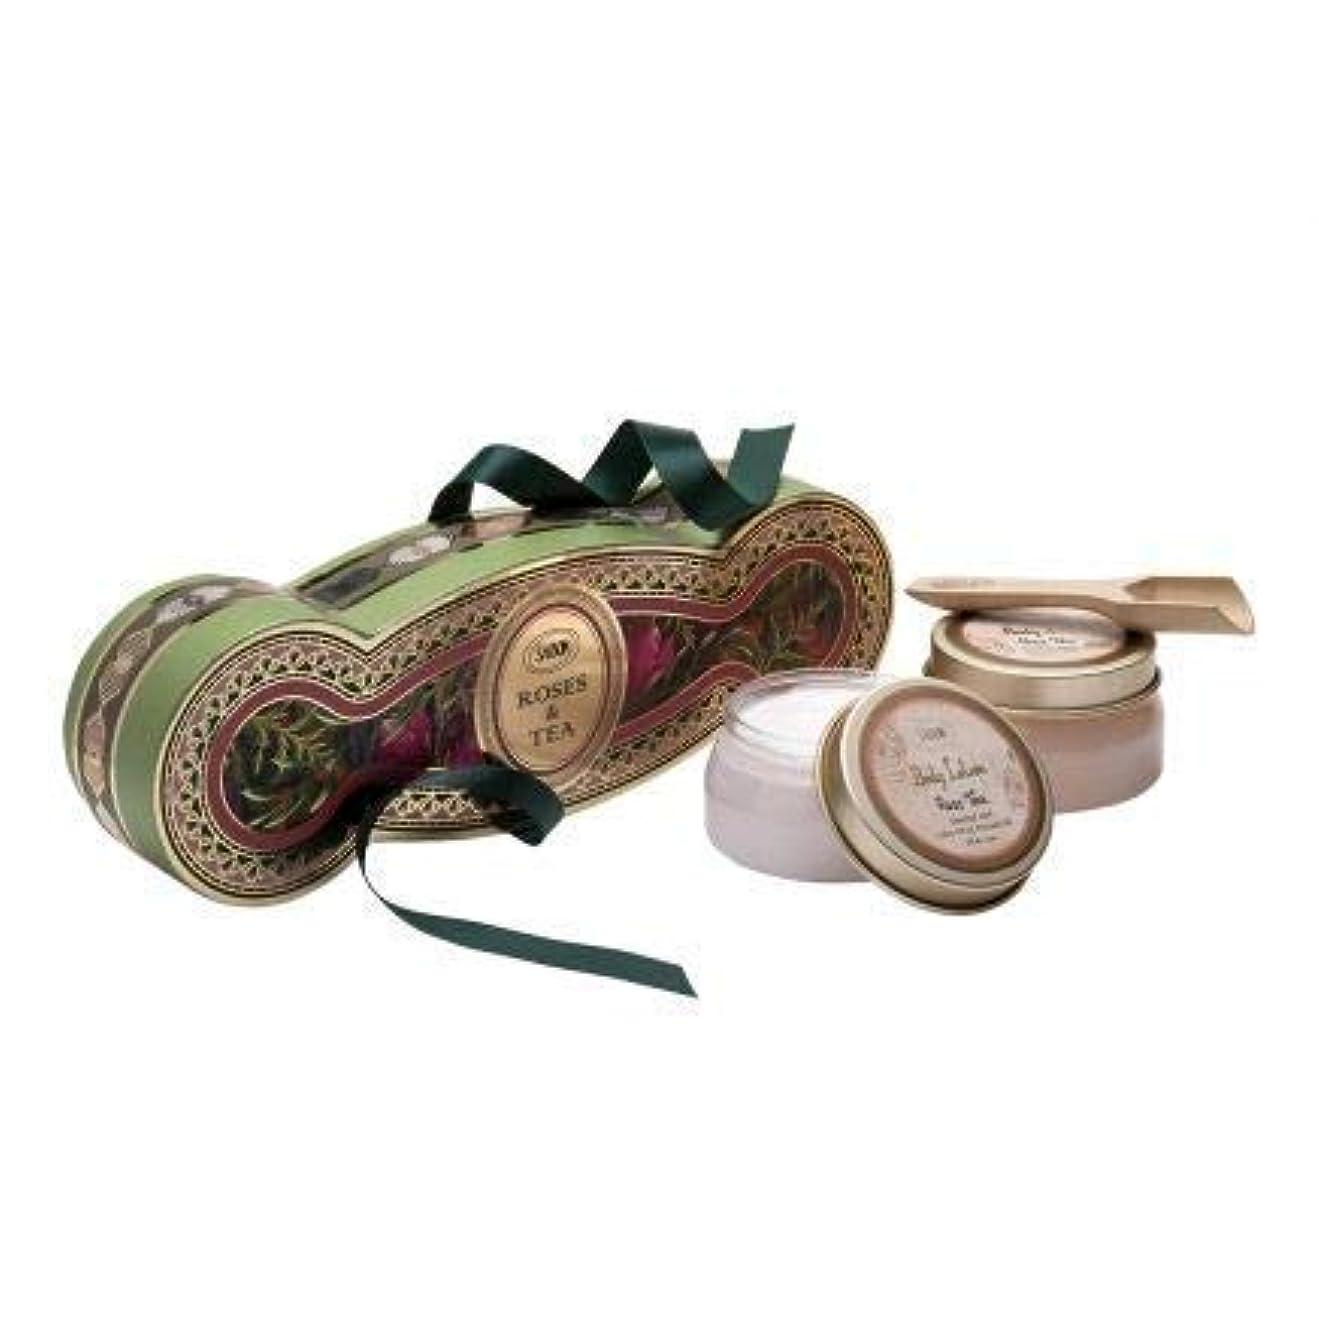 バーゲンアラブ人バレルサボン コフレ ギフト ローズティー キット ボディスクラブ ボディローション ホワイトデー SABON Rose Tea kit コレクション